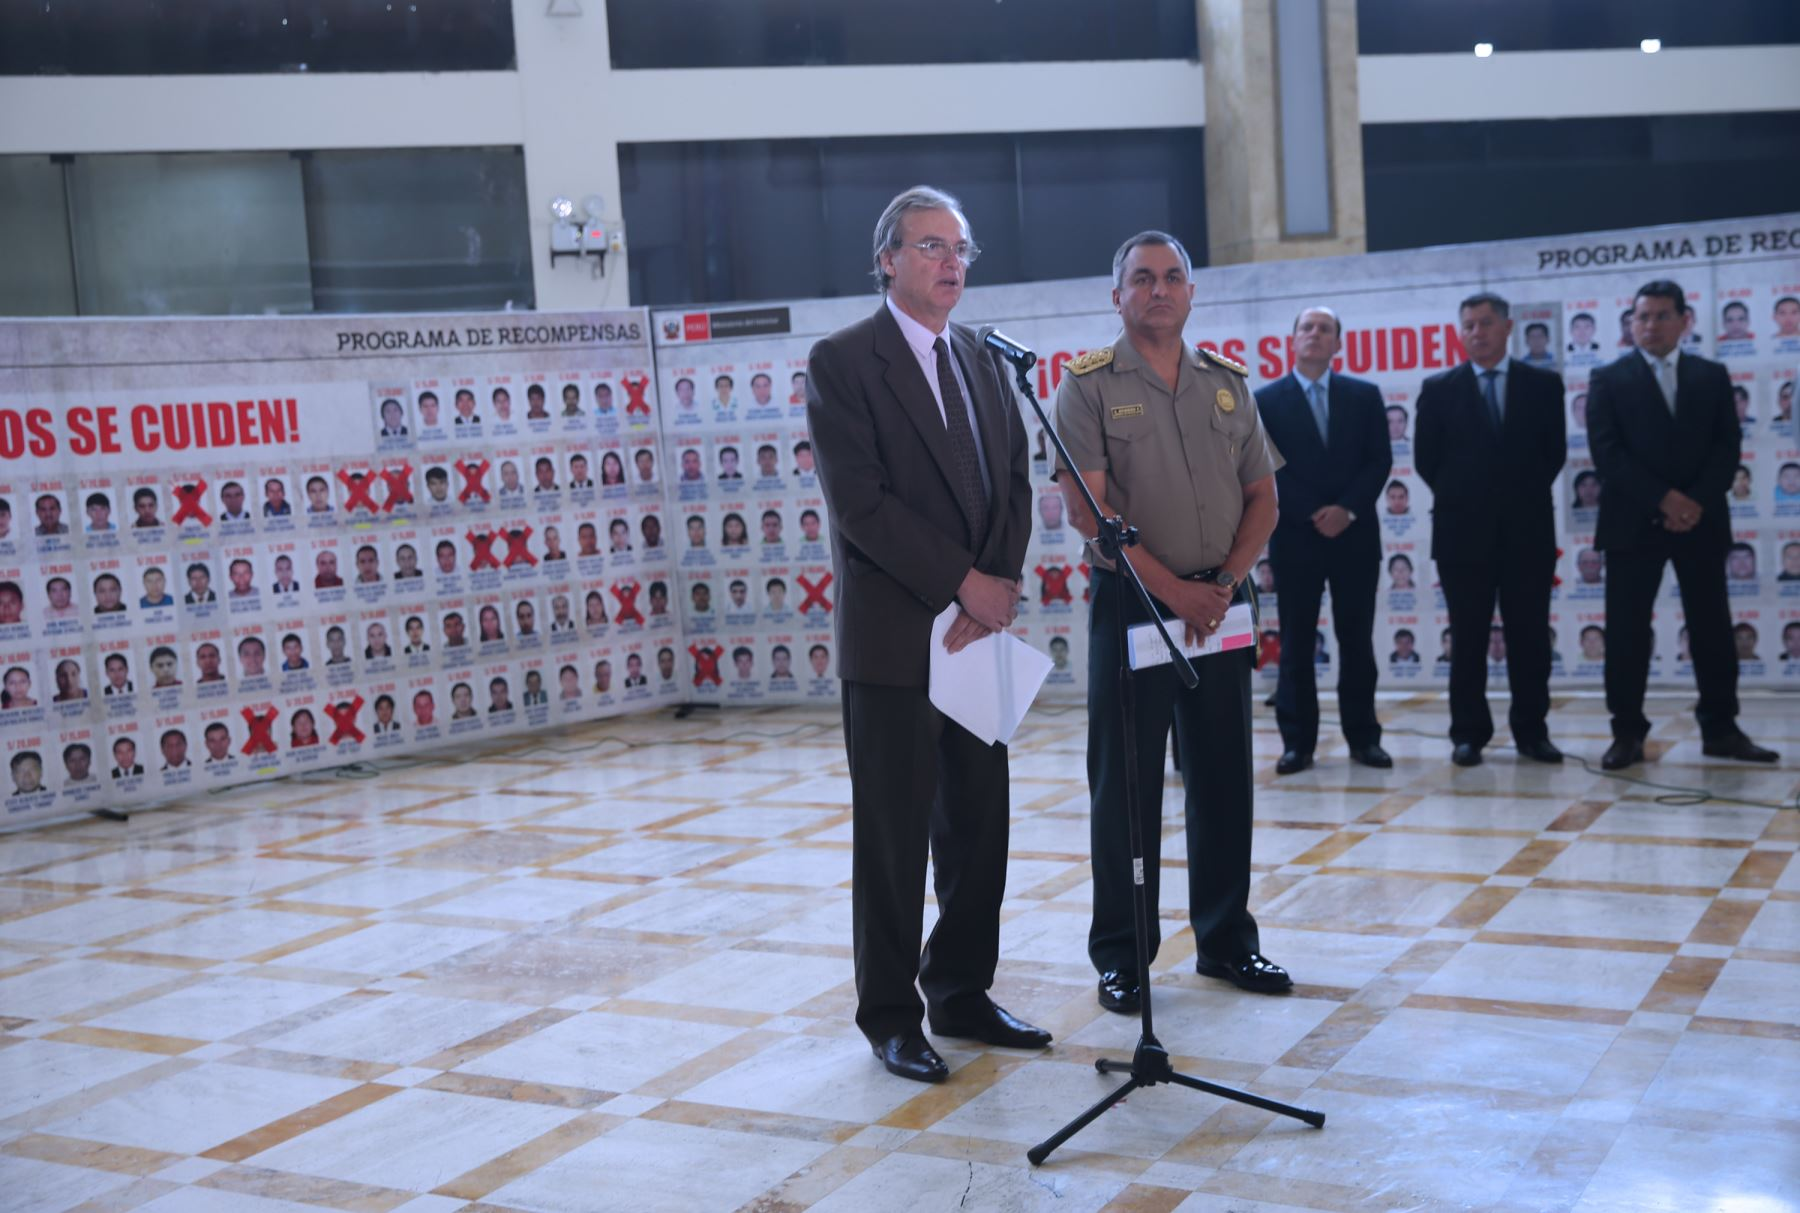 Lima per noviembre 22 el ministerio del interior for Portal del ministerio del interior